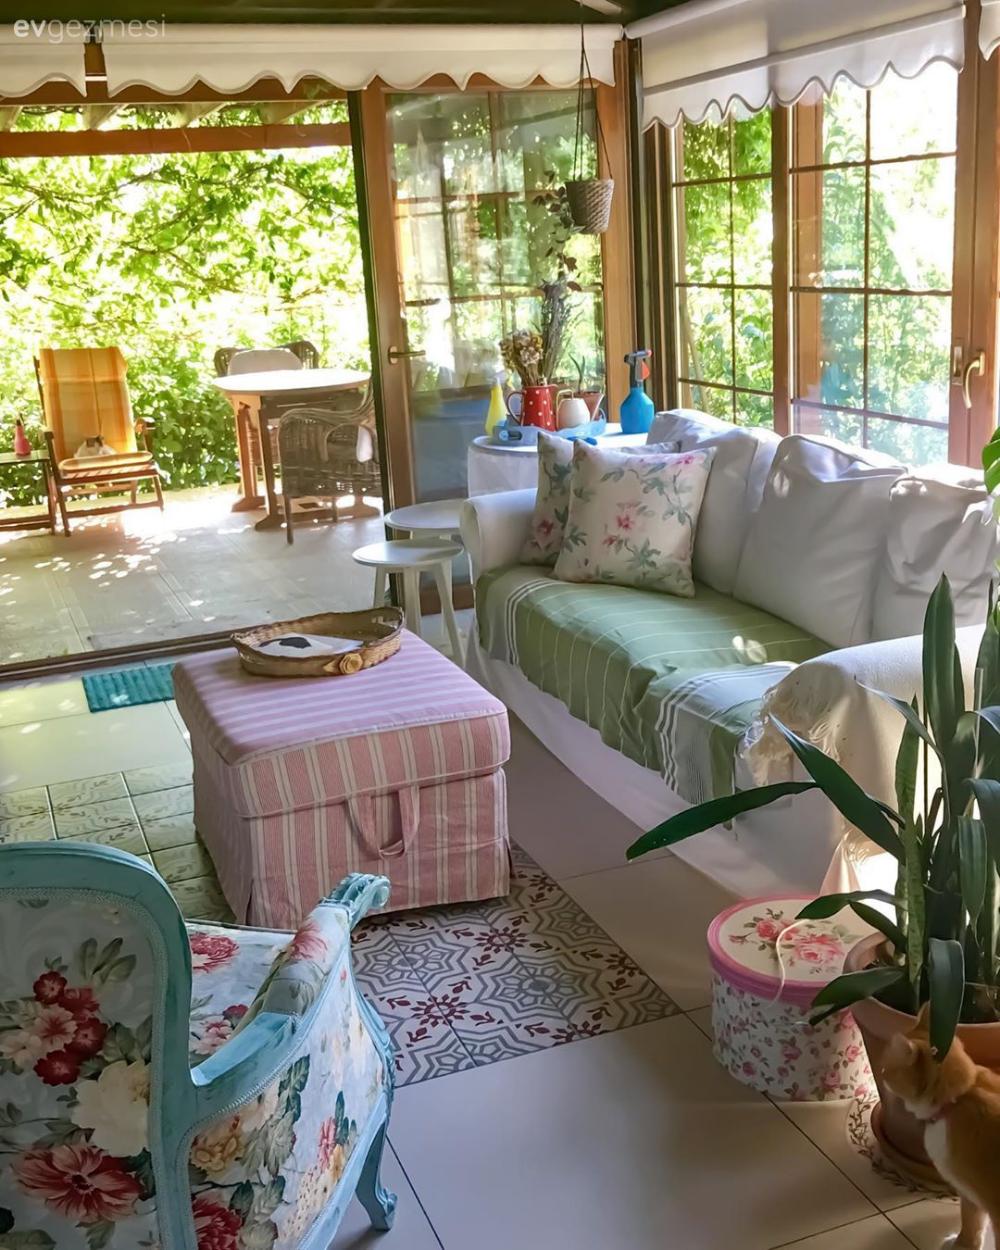 İlham Kaynağı Doğa Olan Shabby Şık Bir İzmir Evi | Ev Gezmesi Oturma Odası